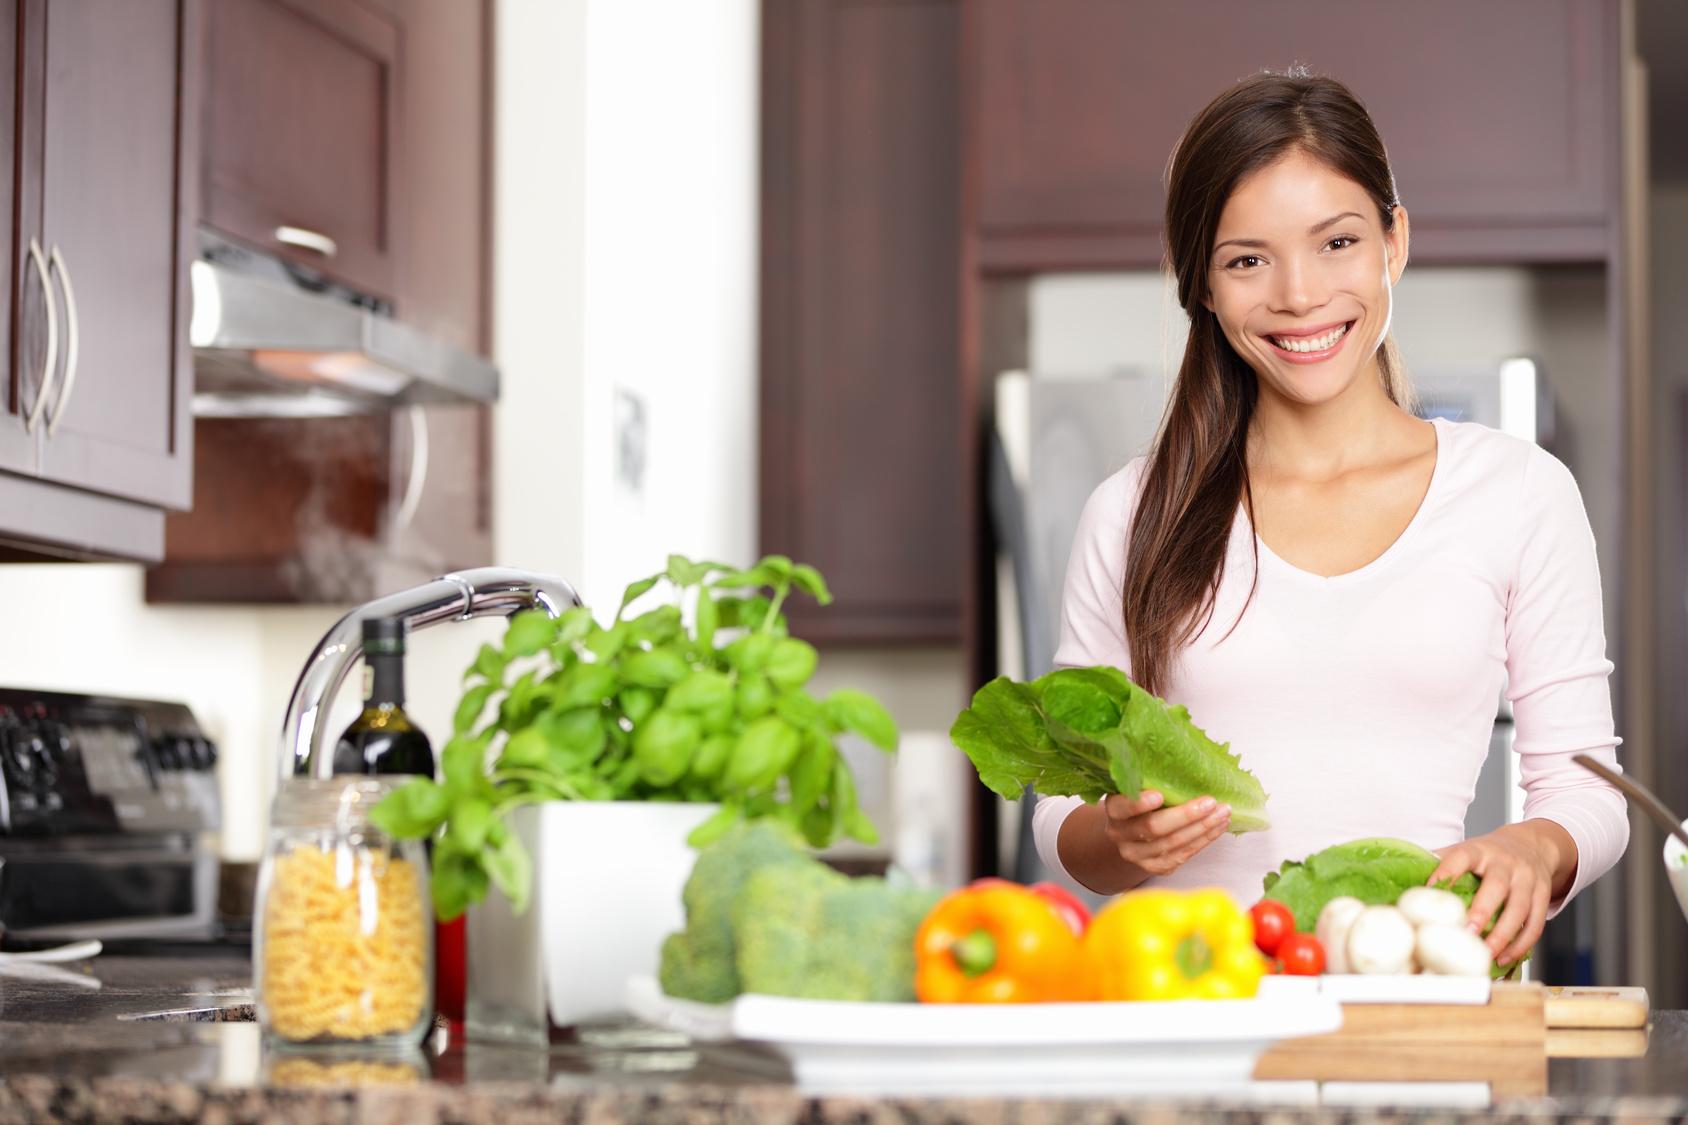 Ayudante de cocina, Limpieza de cocinas